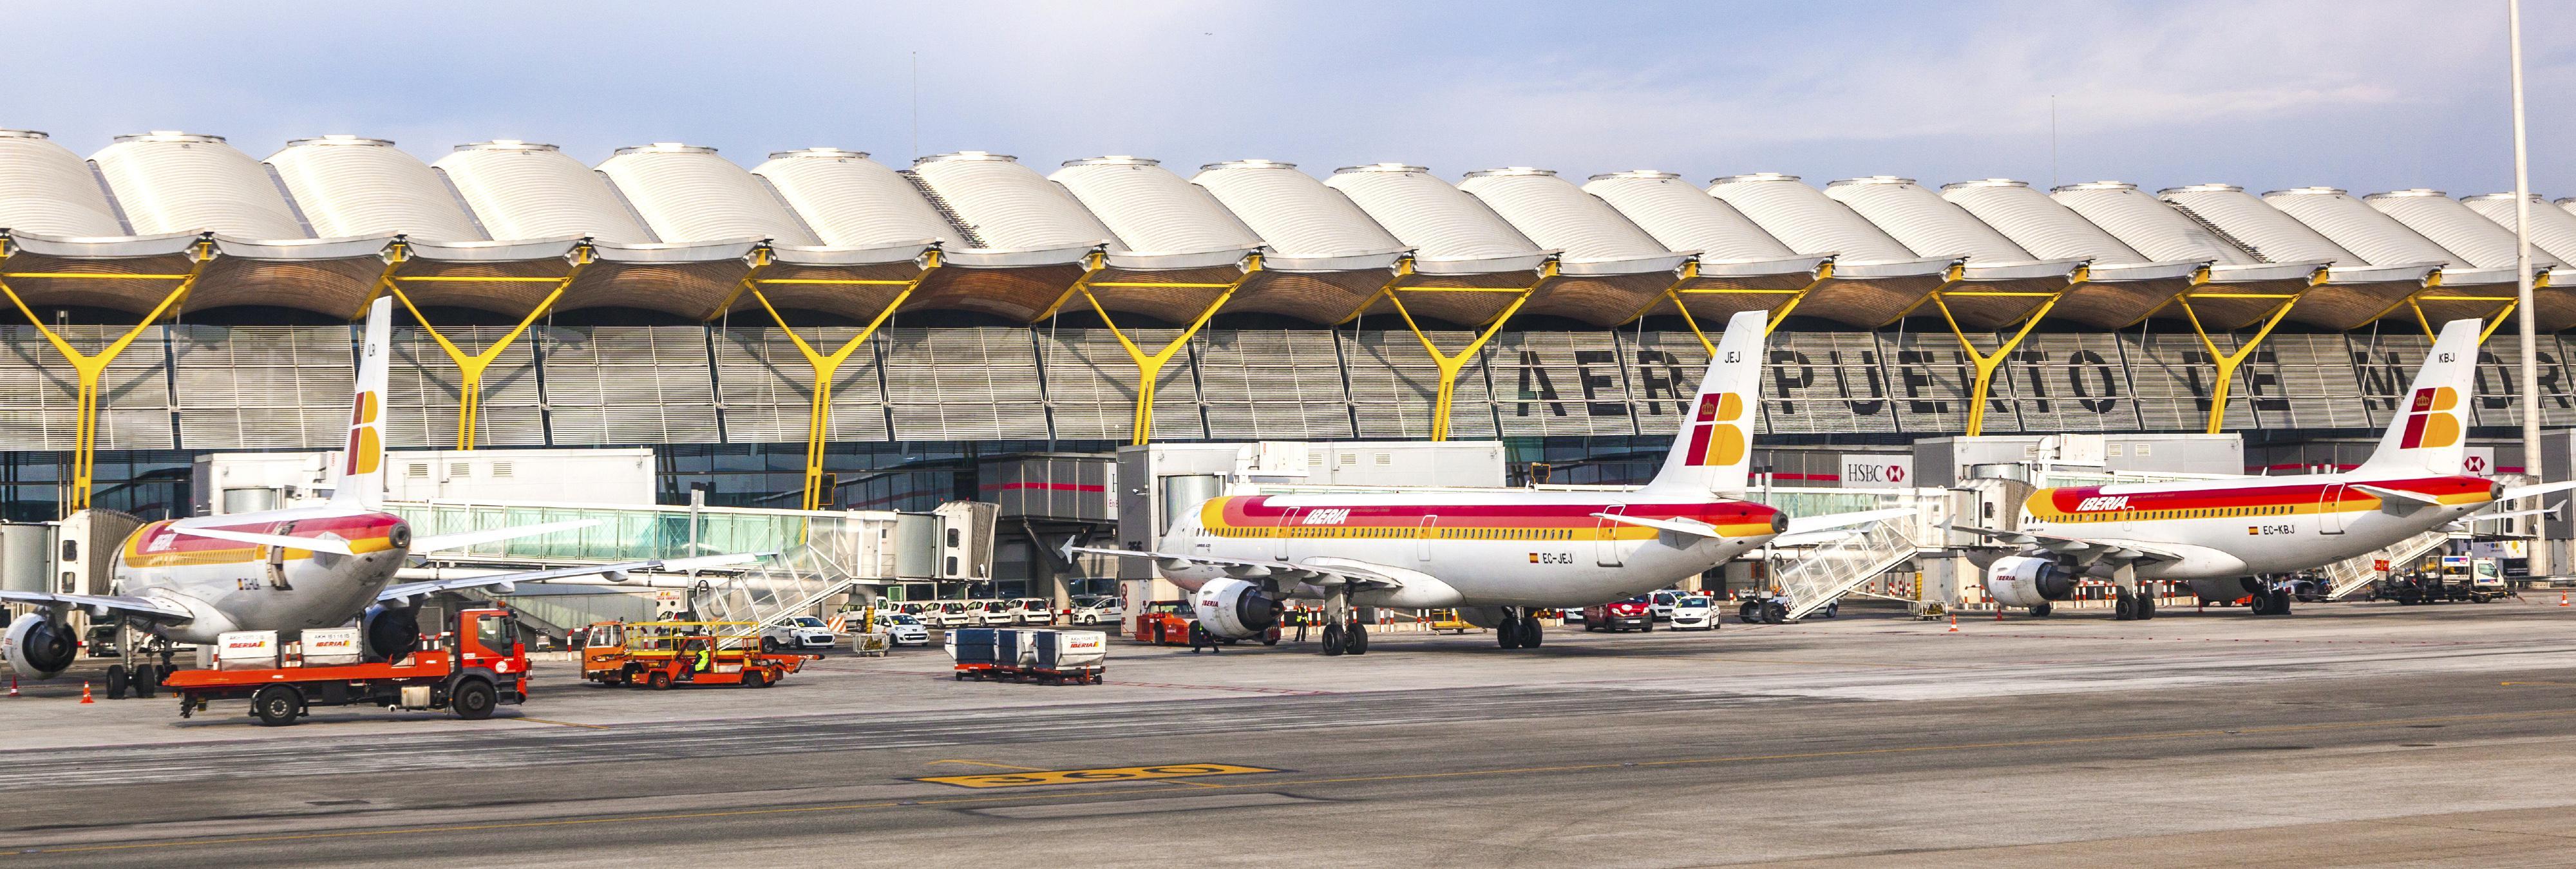 'Alarma general' en Barajas por amenaza de bomba en un vuelo a Arabia Saudí